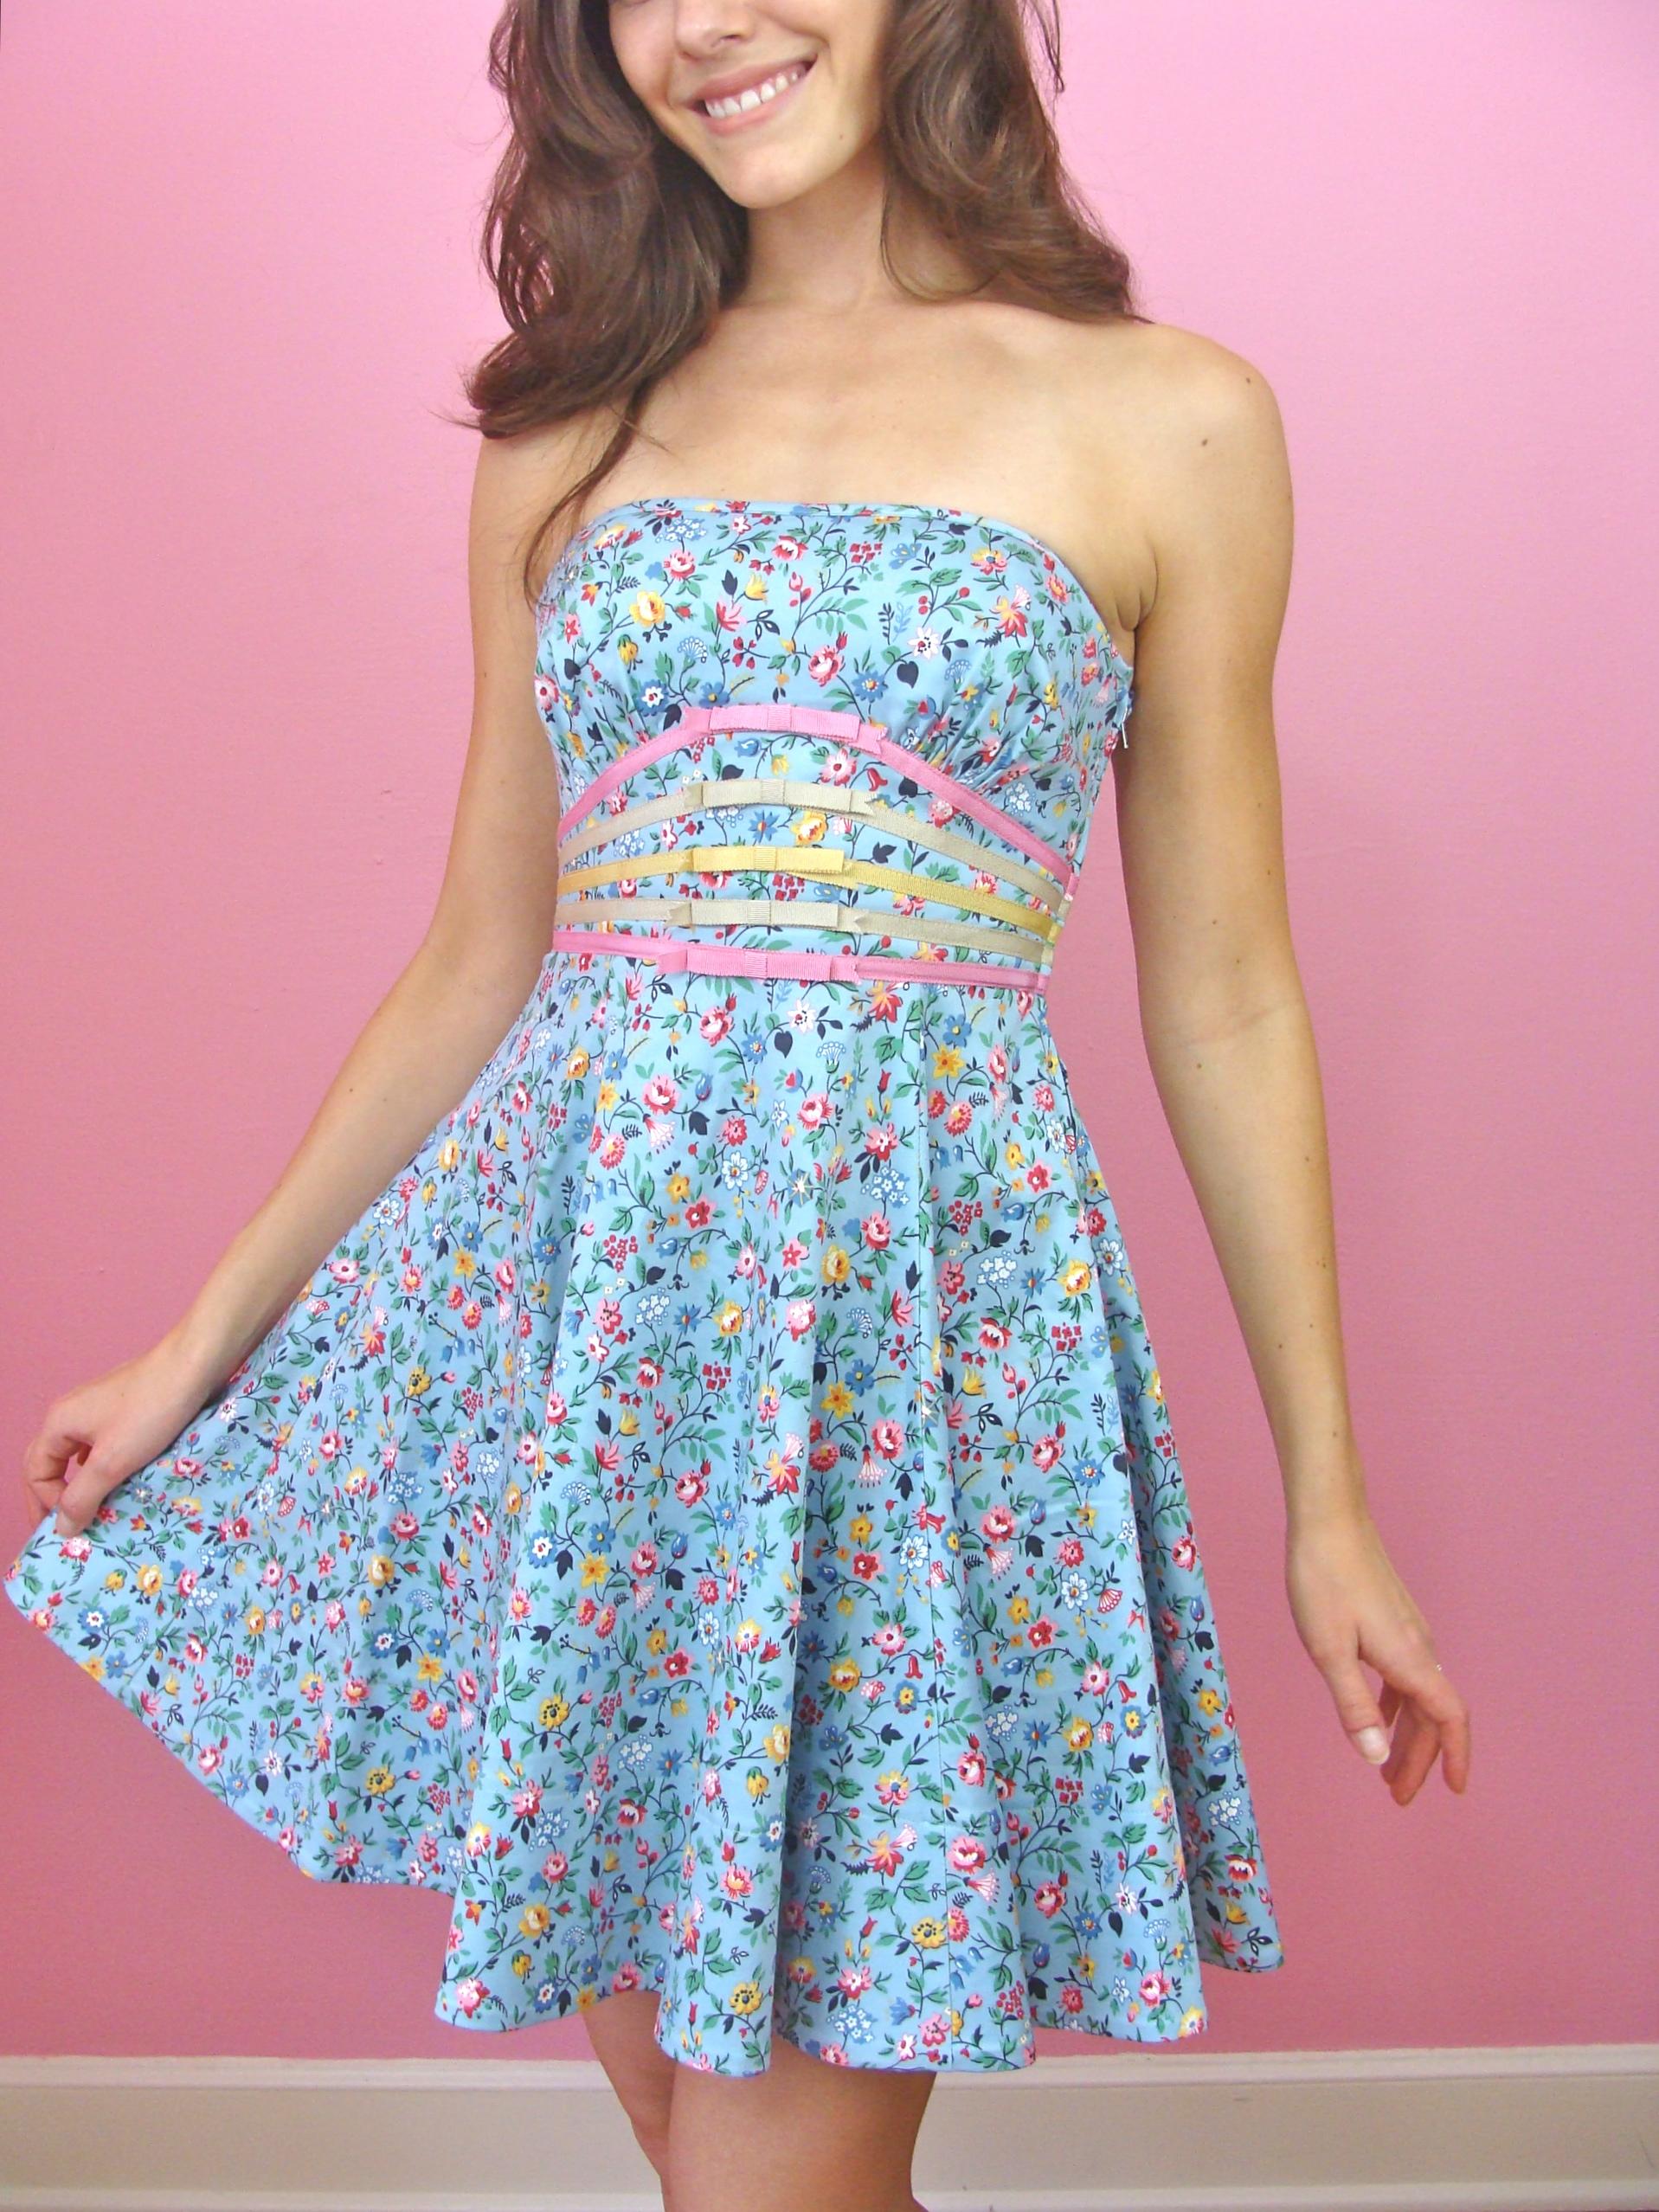 Rihanna Betsey Johnson Clothing | Dress images